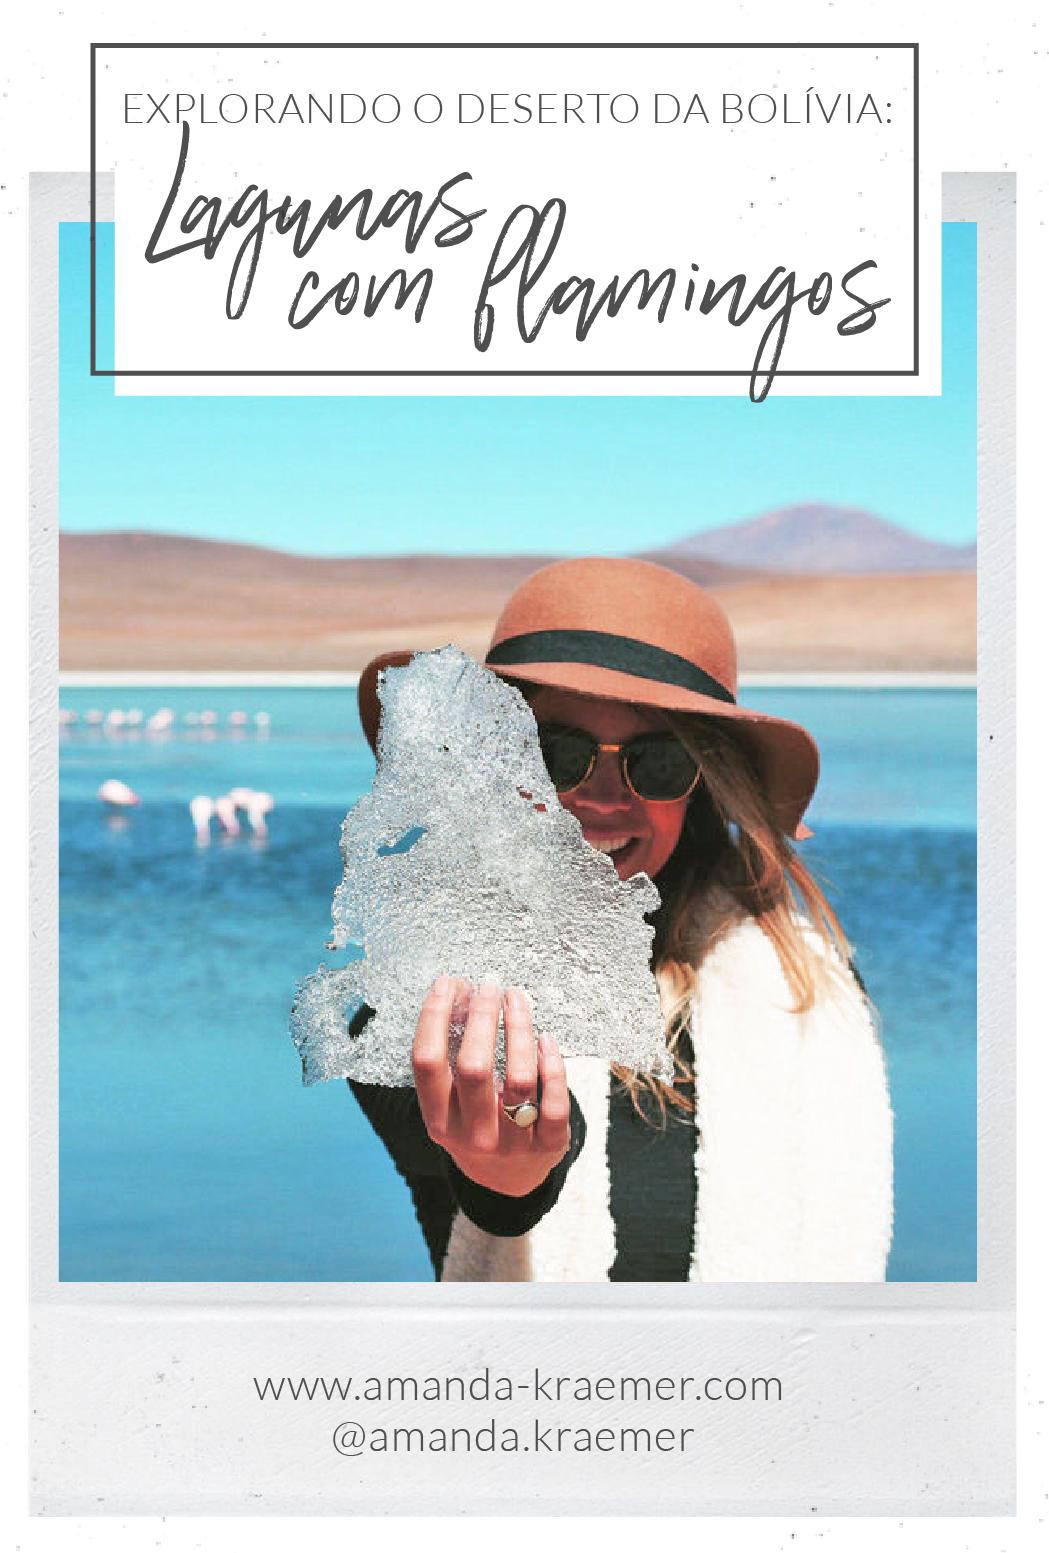 BOLIVIA-LAGUNAS-FLAMINGOS.jpg